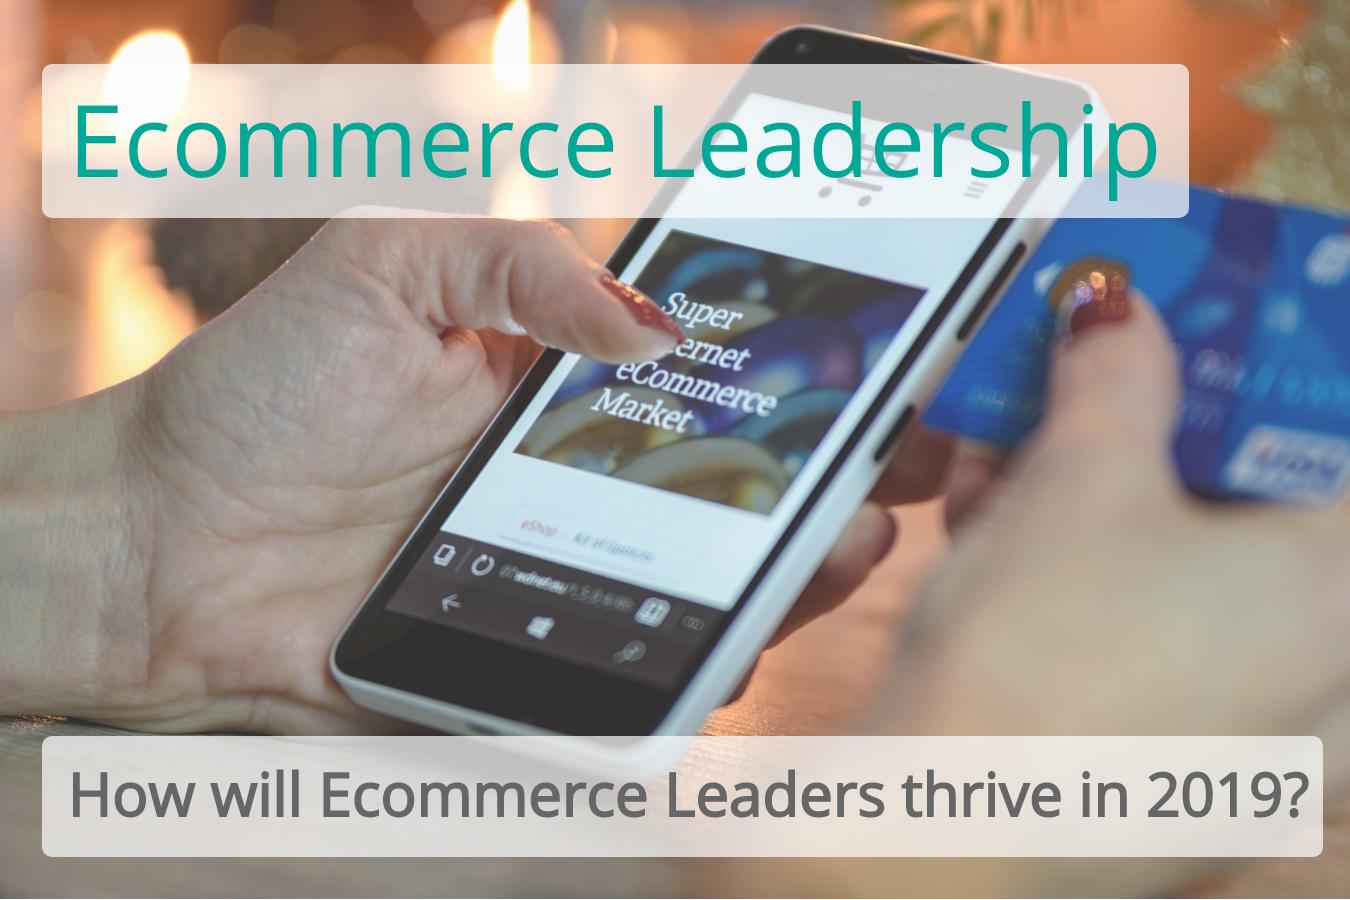 Ecommerce Leadership